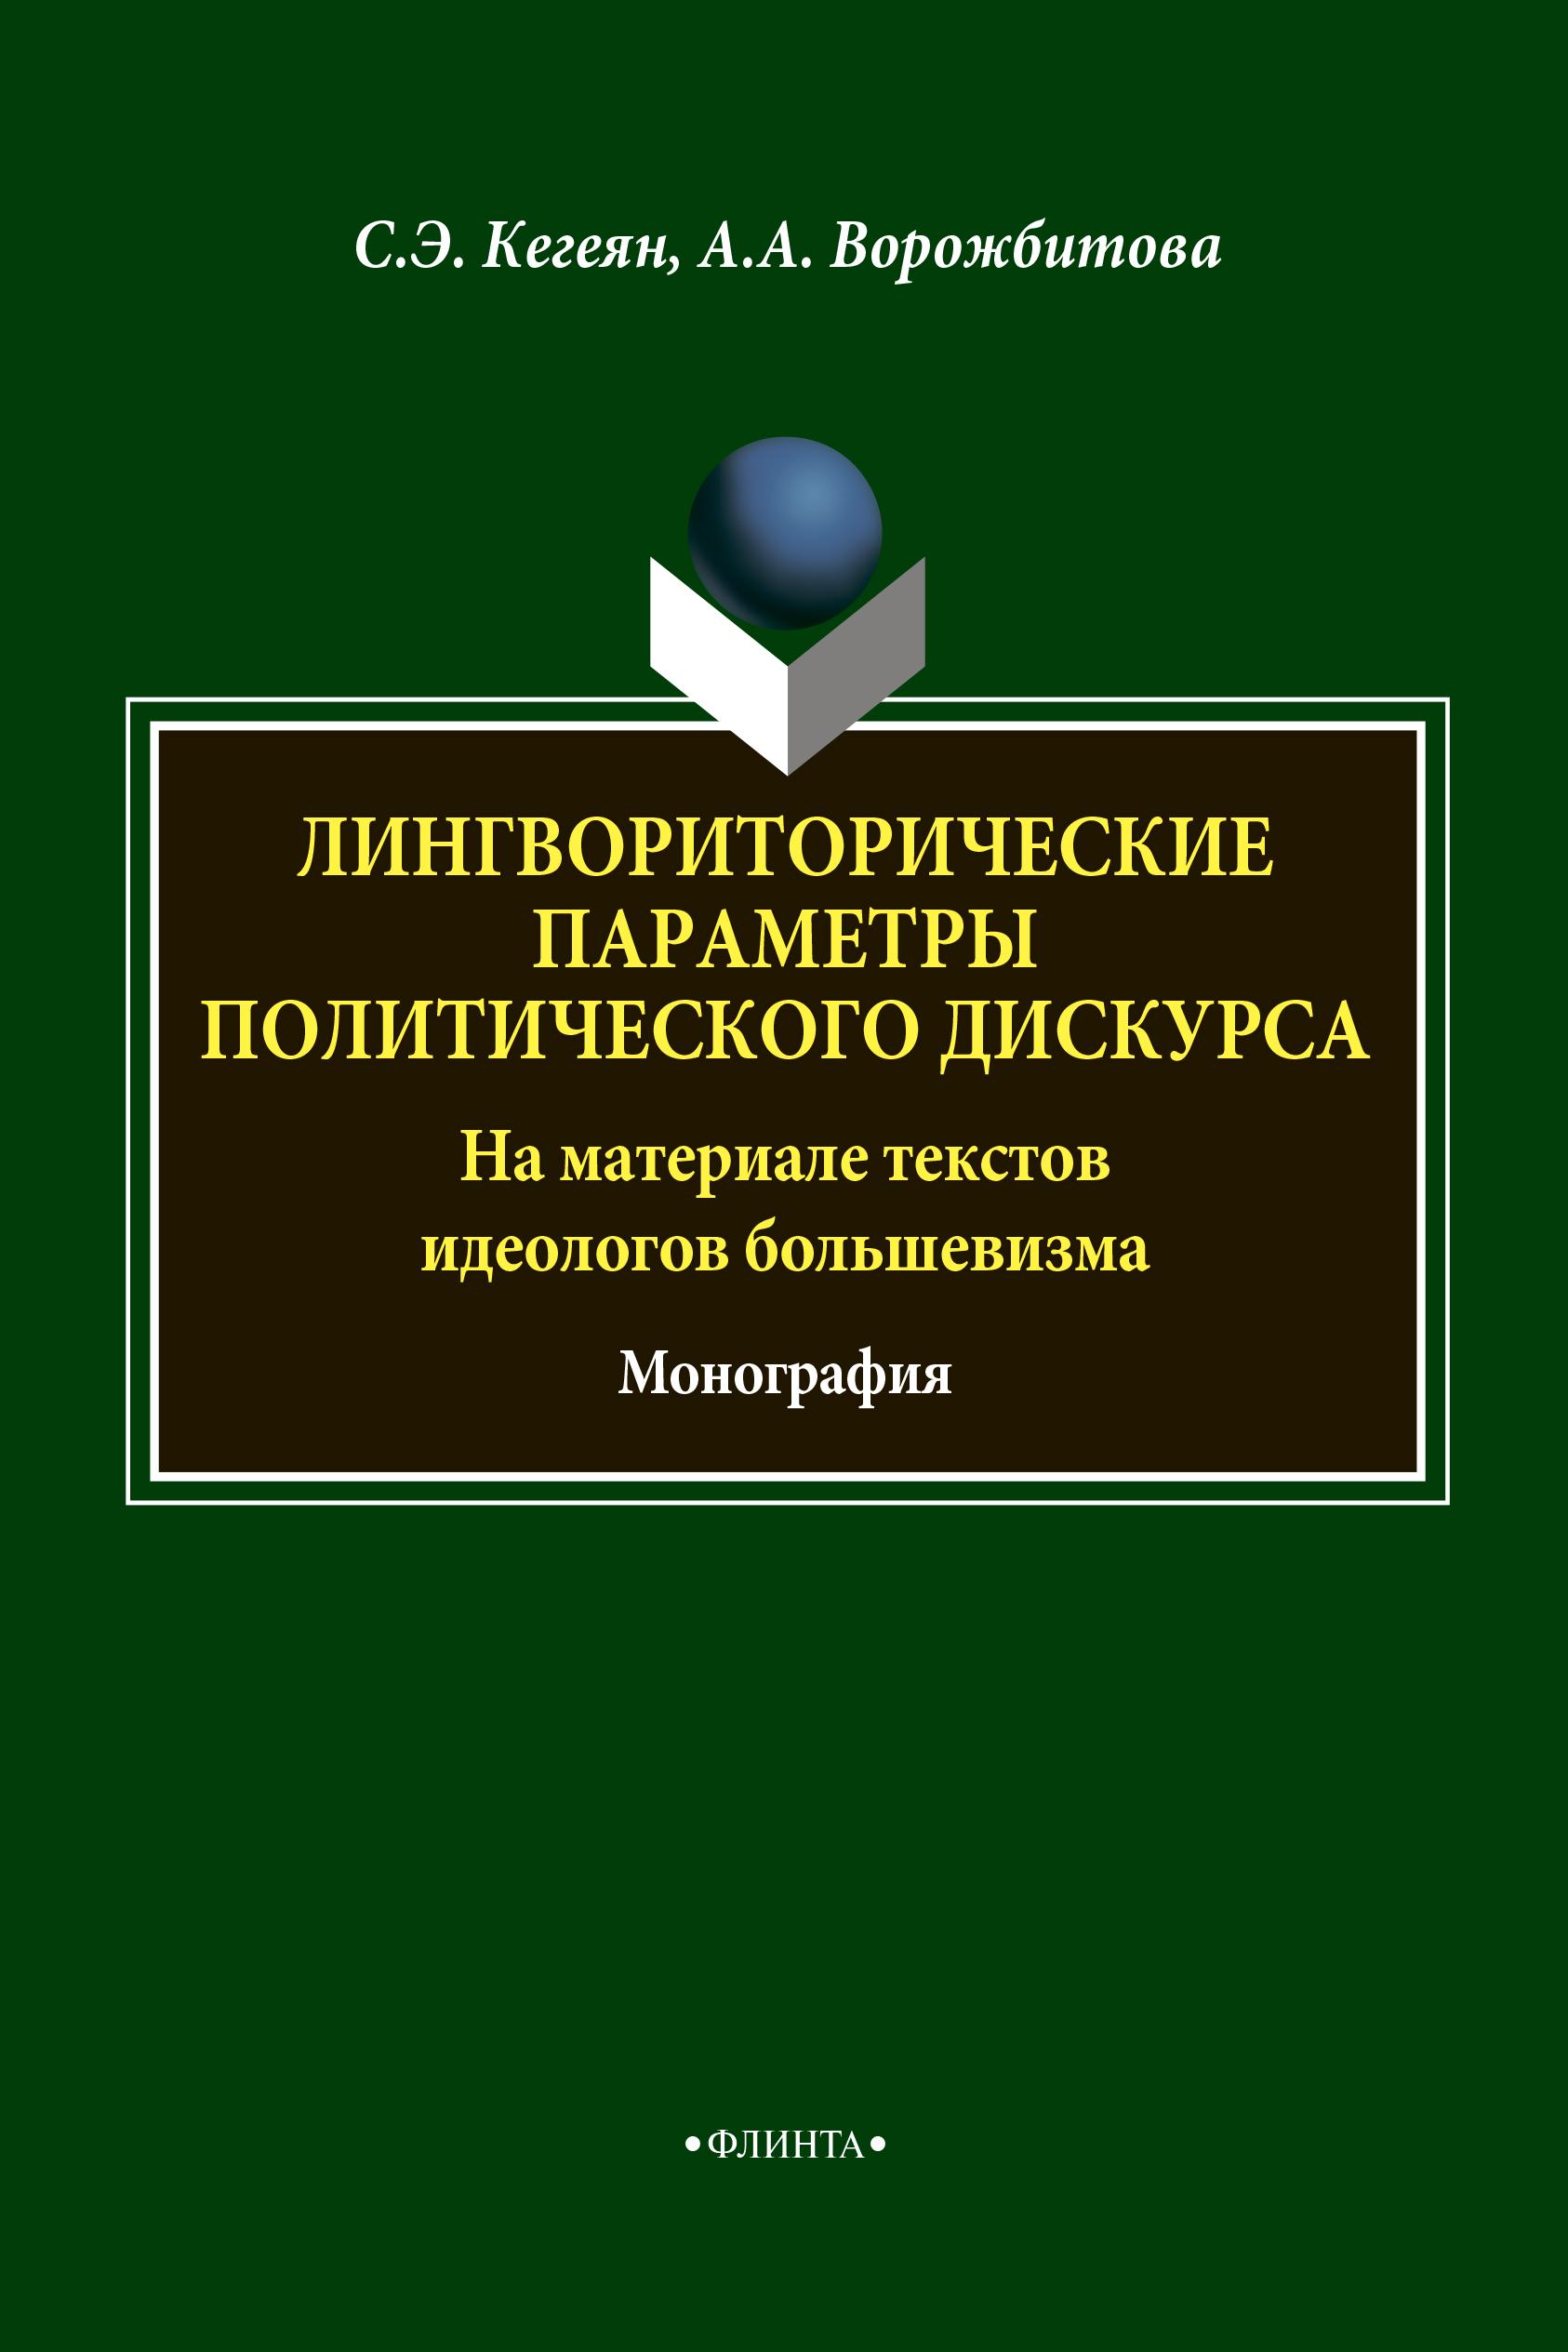 А. А. Ворожбитова Лингвориторические параметры политического дискурса (на материале текстов идеологов большевизма)